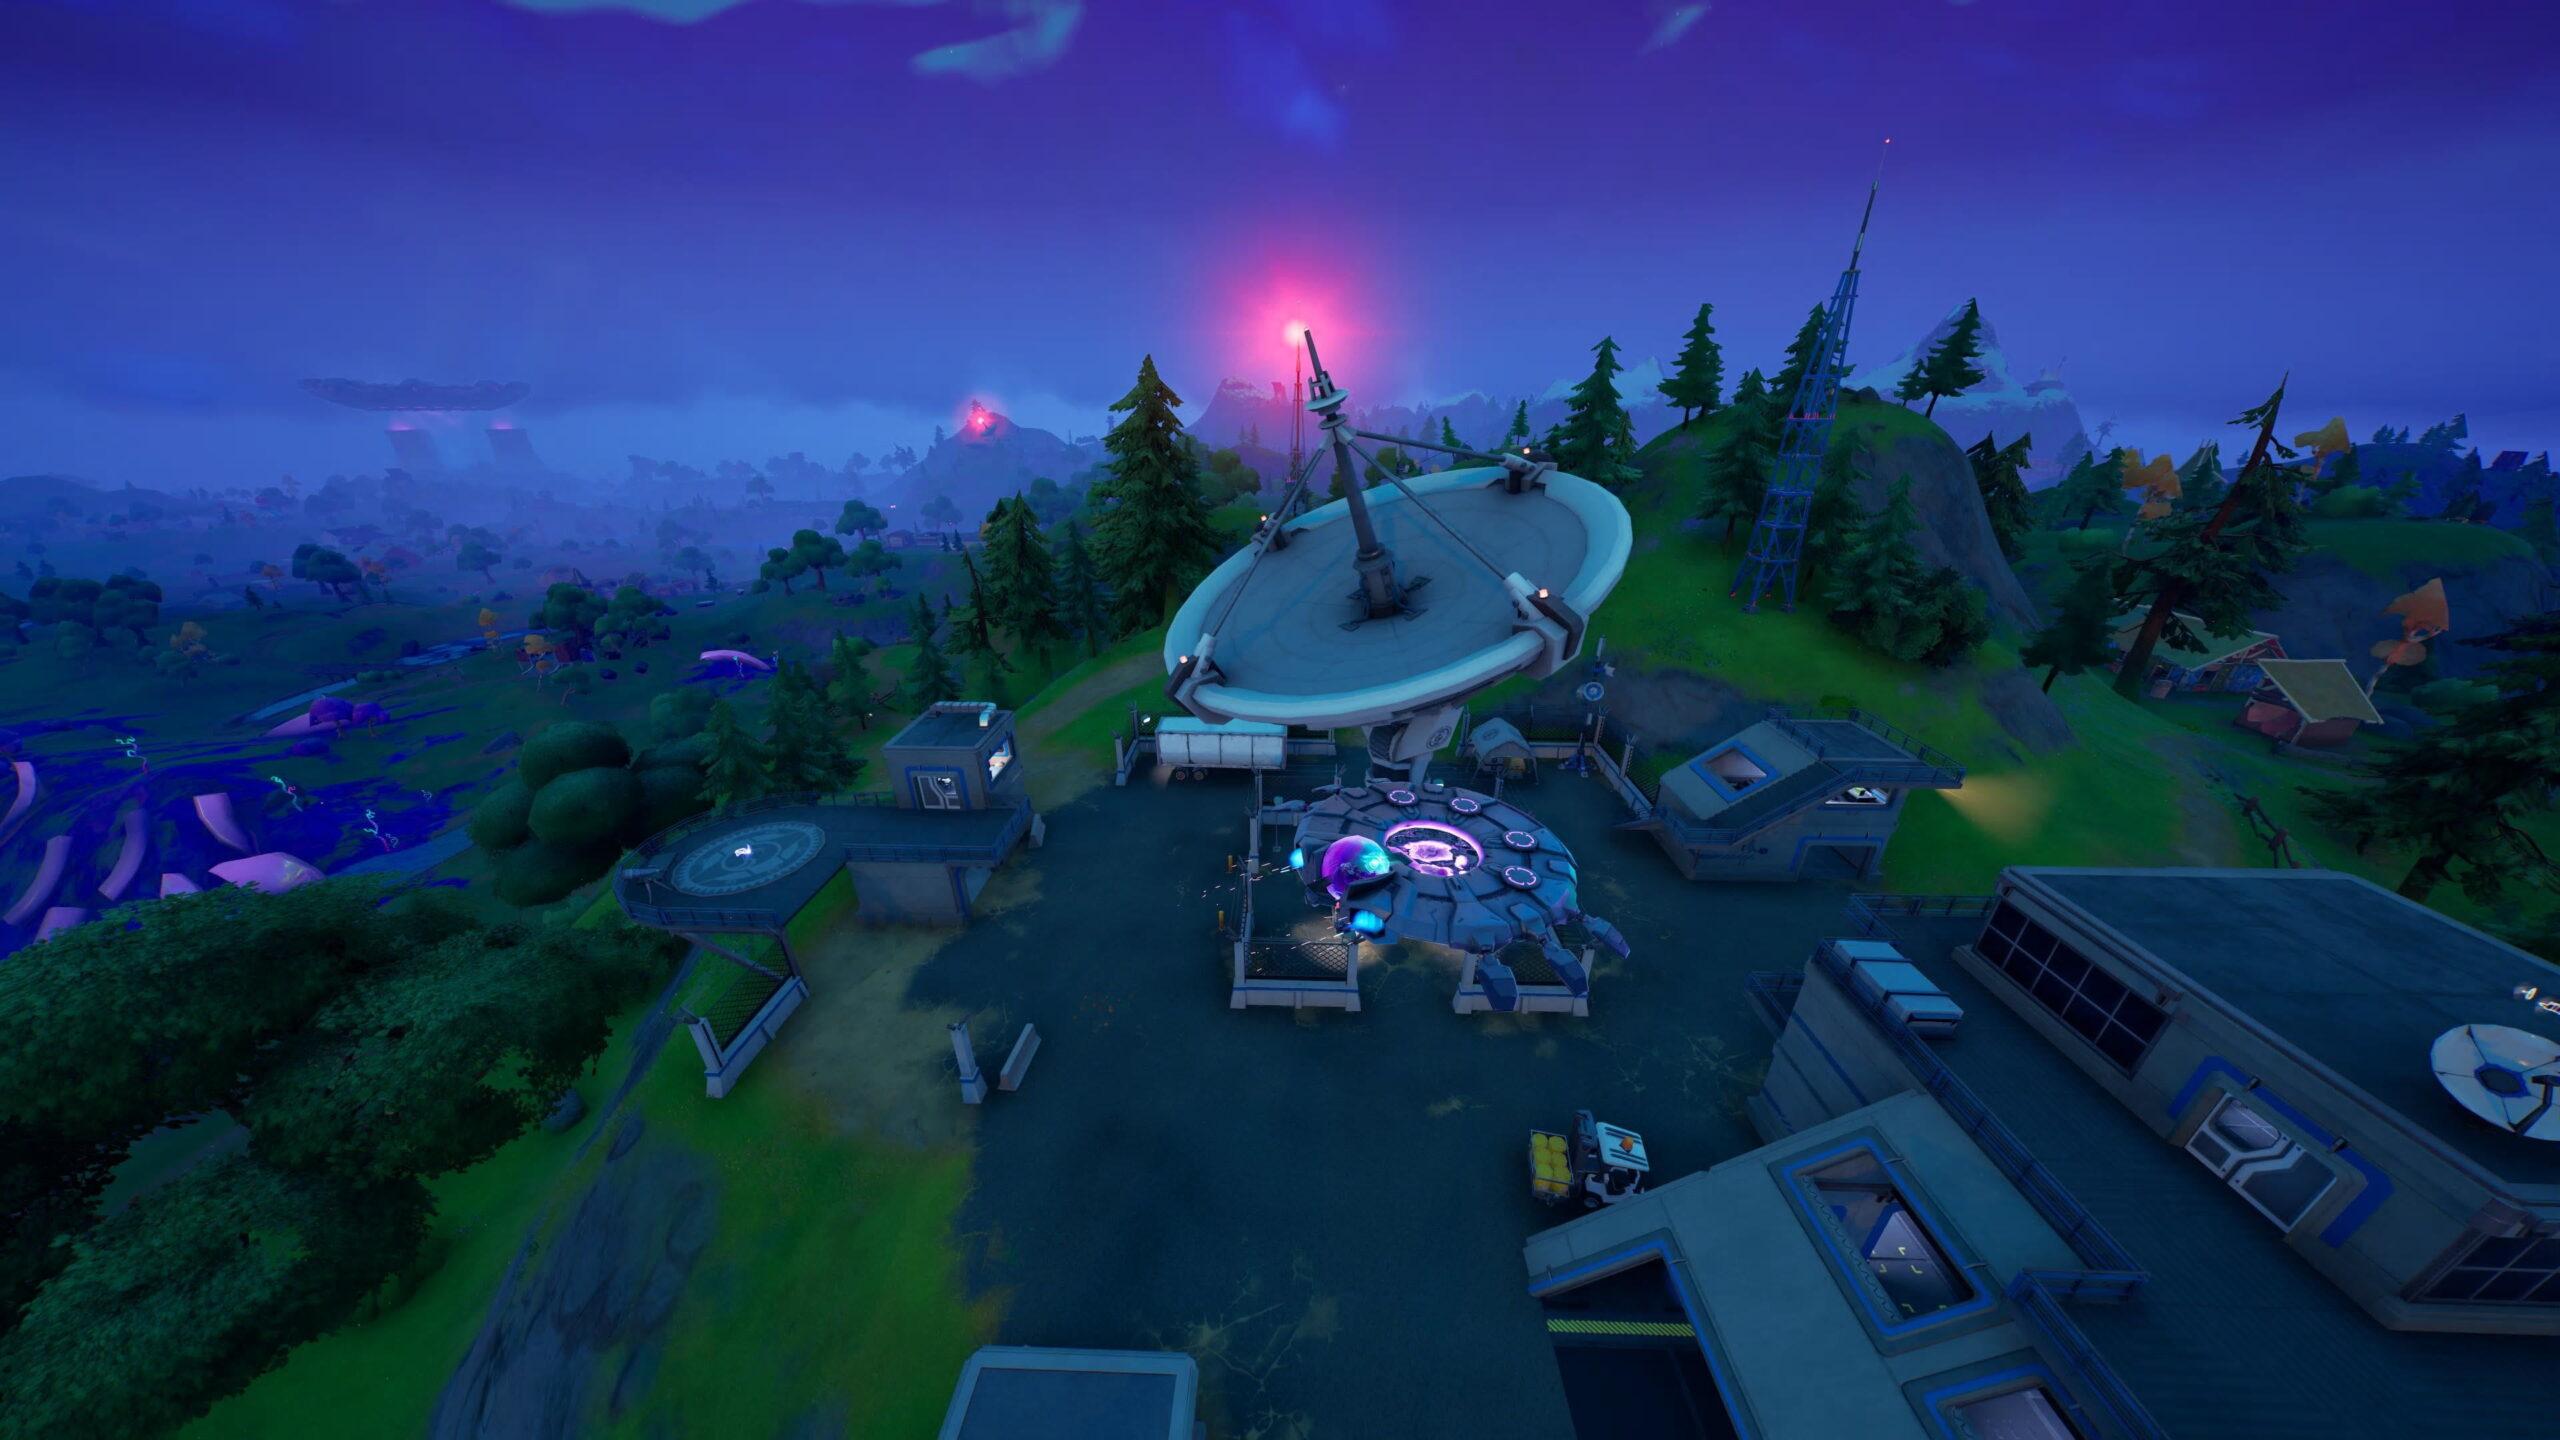 Fortnite Saison 7, Semaine 13 Défi: Visitez les bases de paraboles radar